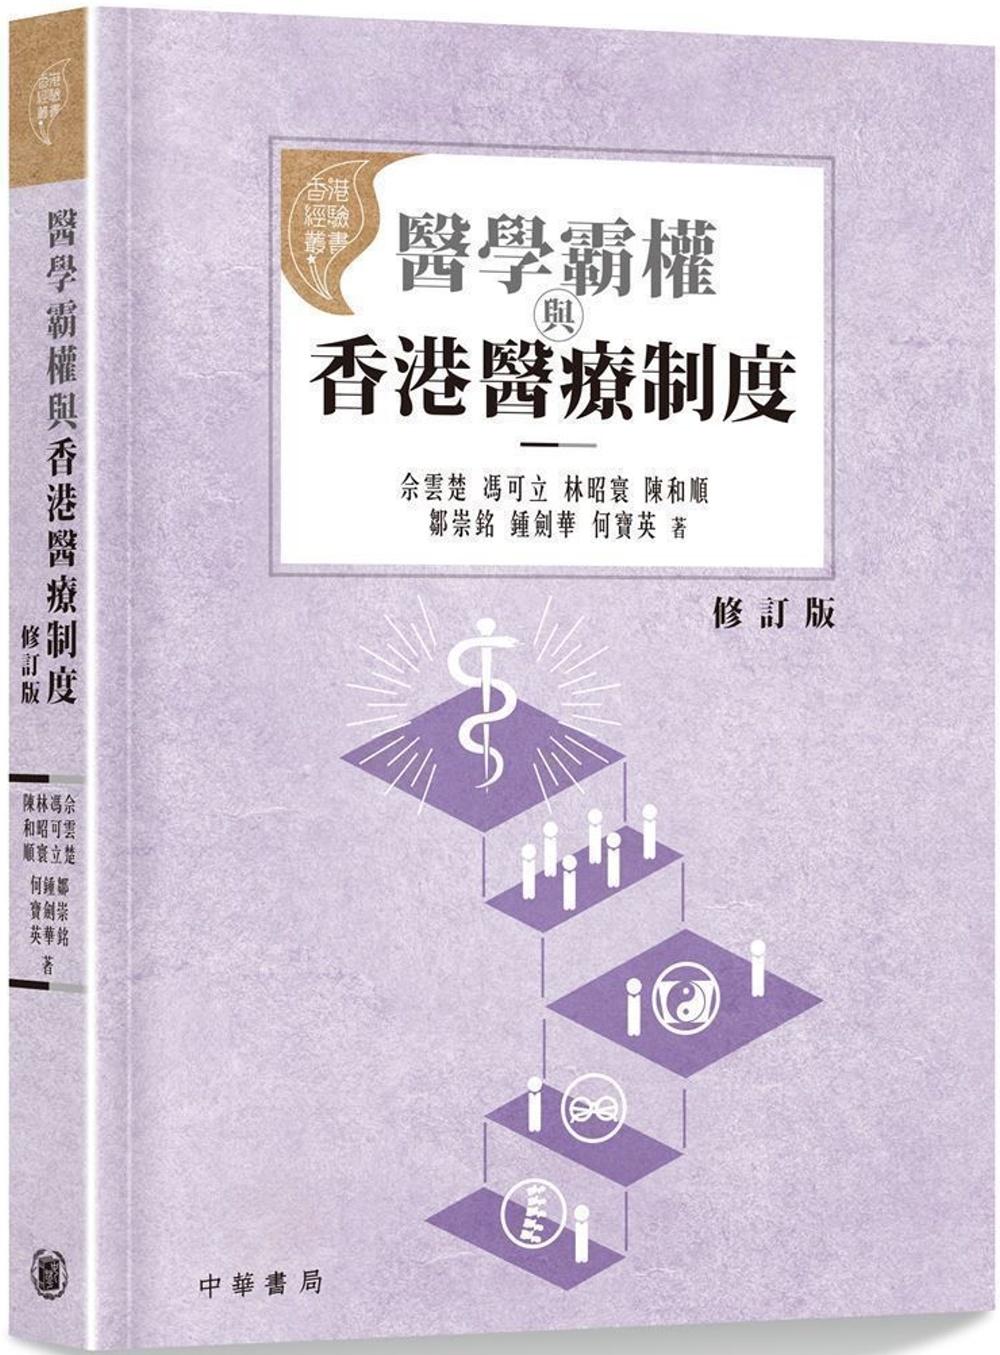 醫學霸權與香港醫療制度(修訂版...